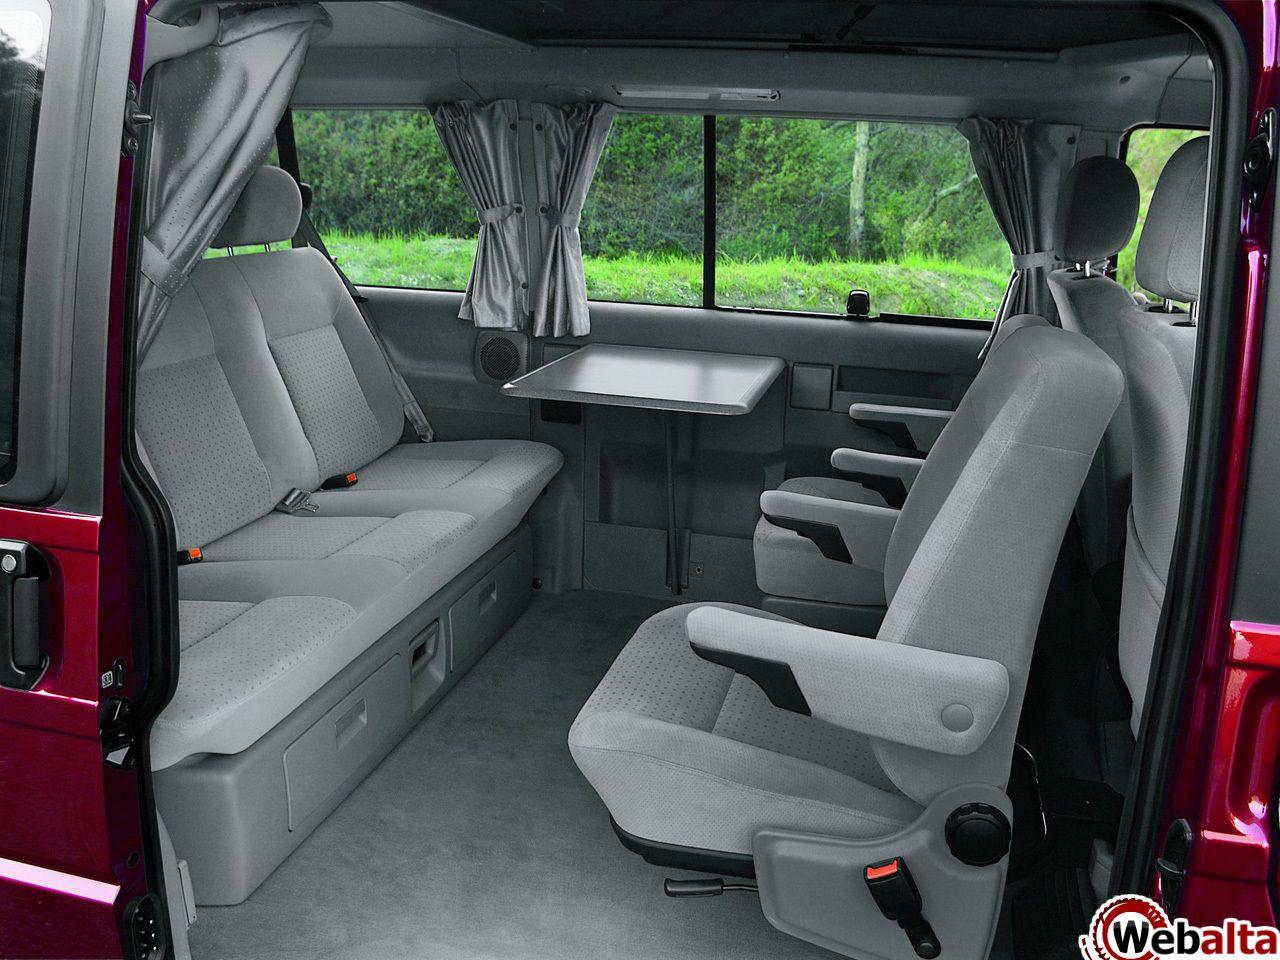 Honda Element Camper Conversion Kit Honda Element Camper Honda